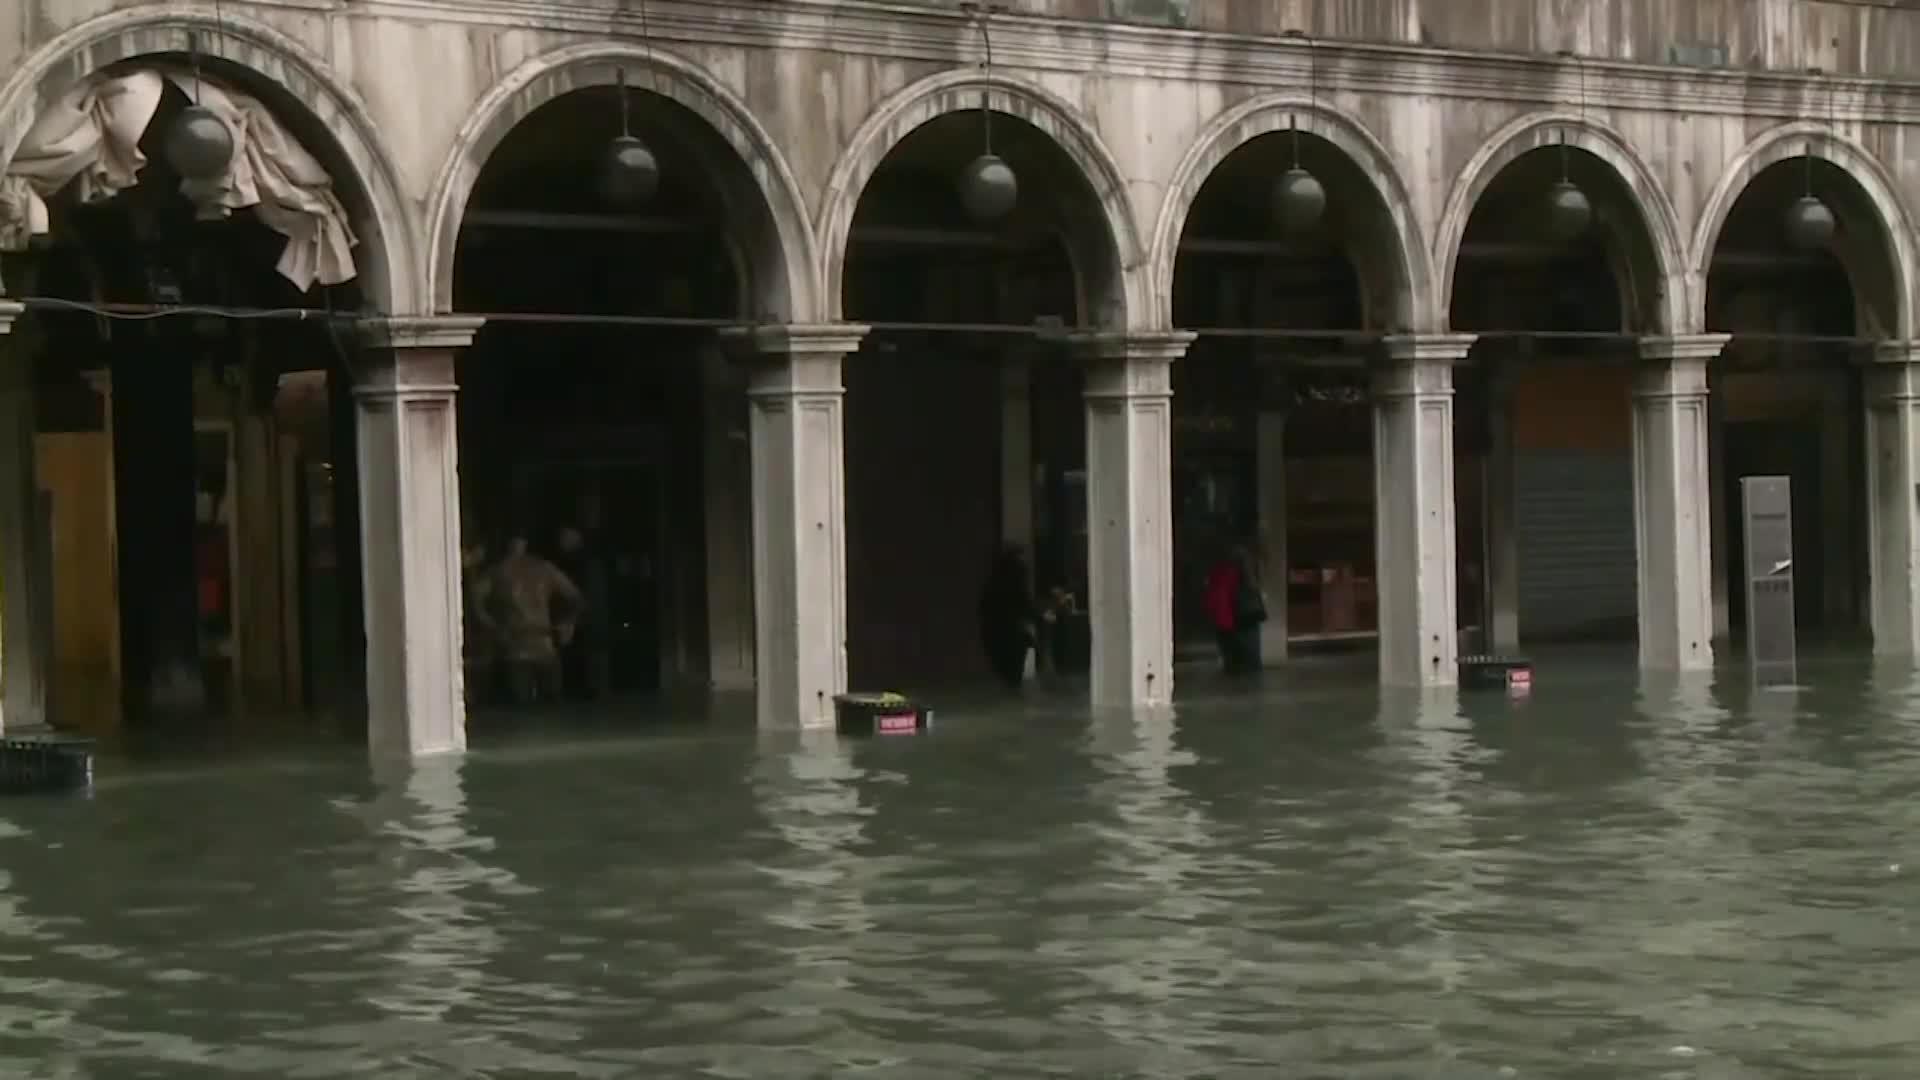 Cierran la plaza de San Marcos de Venecia por una nueva inundación